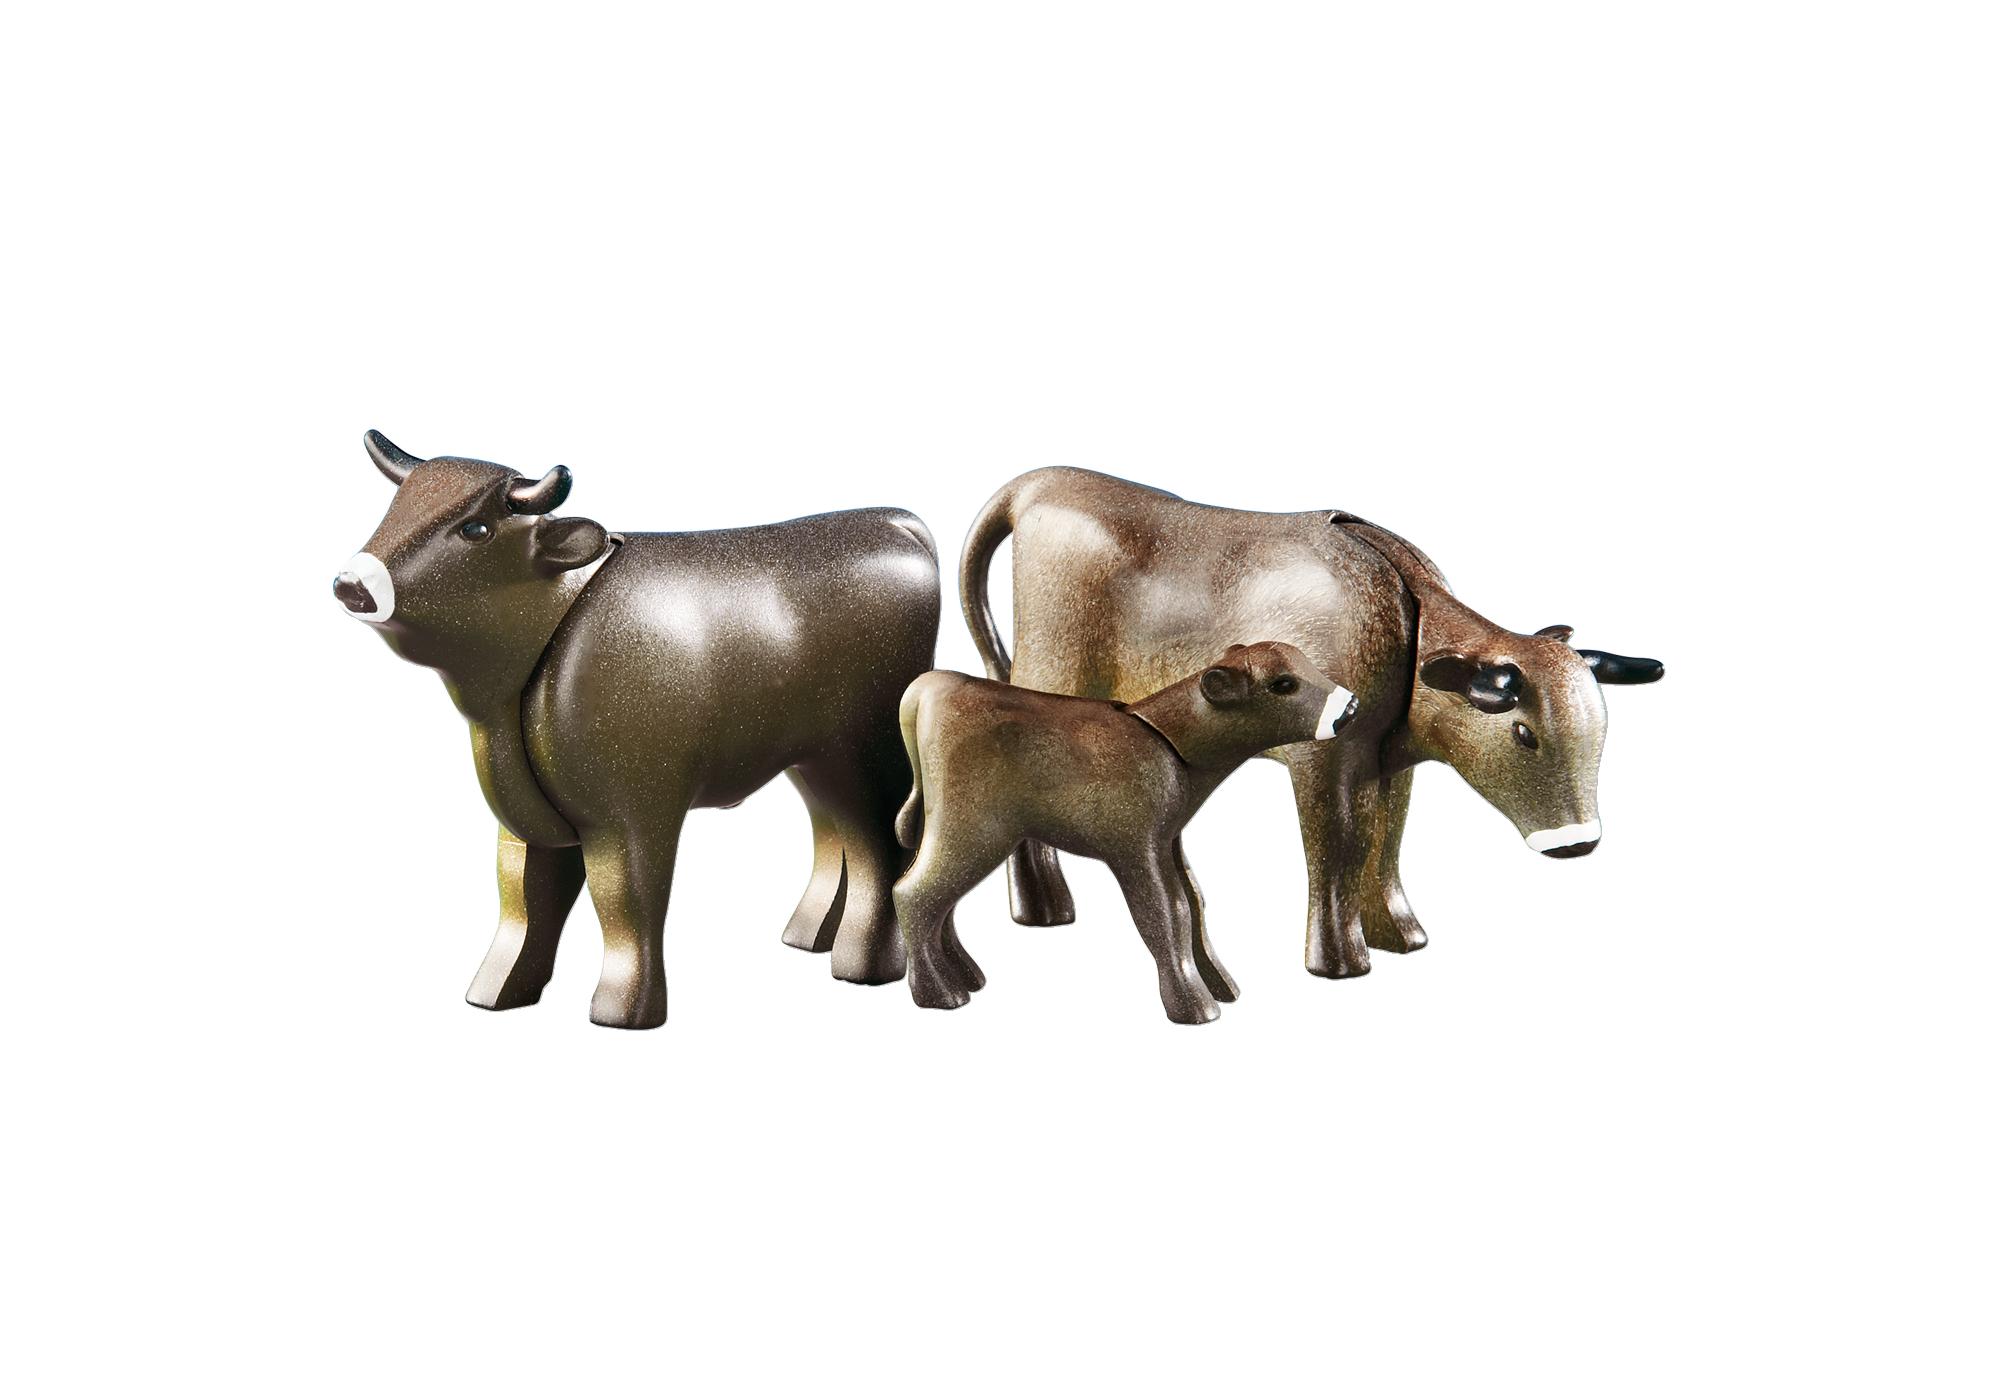 2 cows with calf 6357 playmobil usa